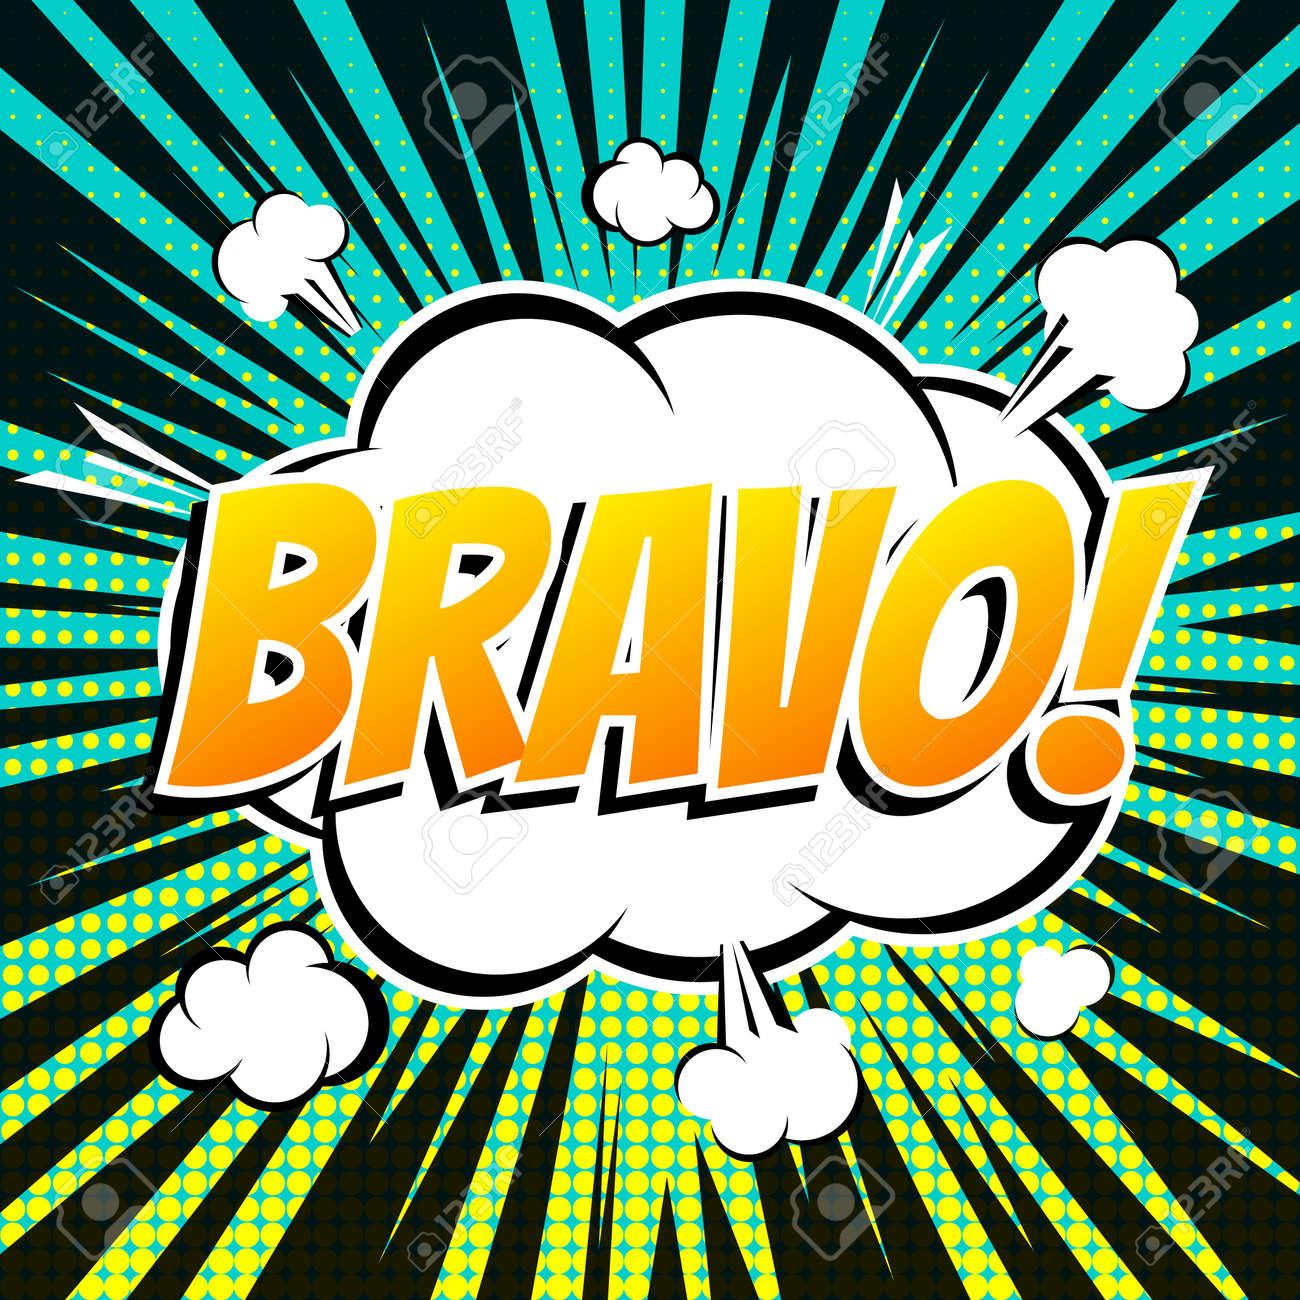 cromimis récompensés 59400067-bravo-bulle-de-bande-dessin%C3%A9e-texte-style-r%C3%A9tro